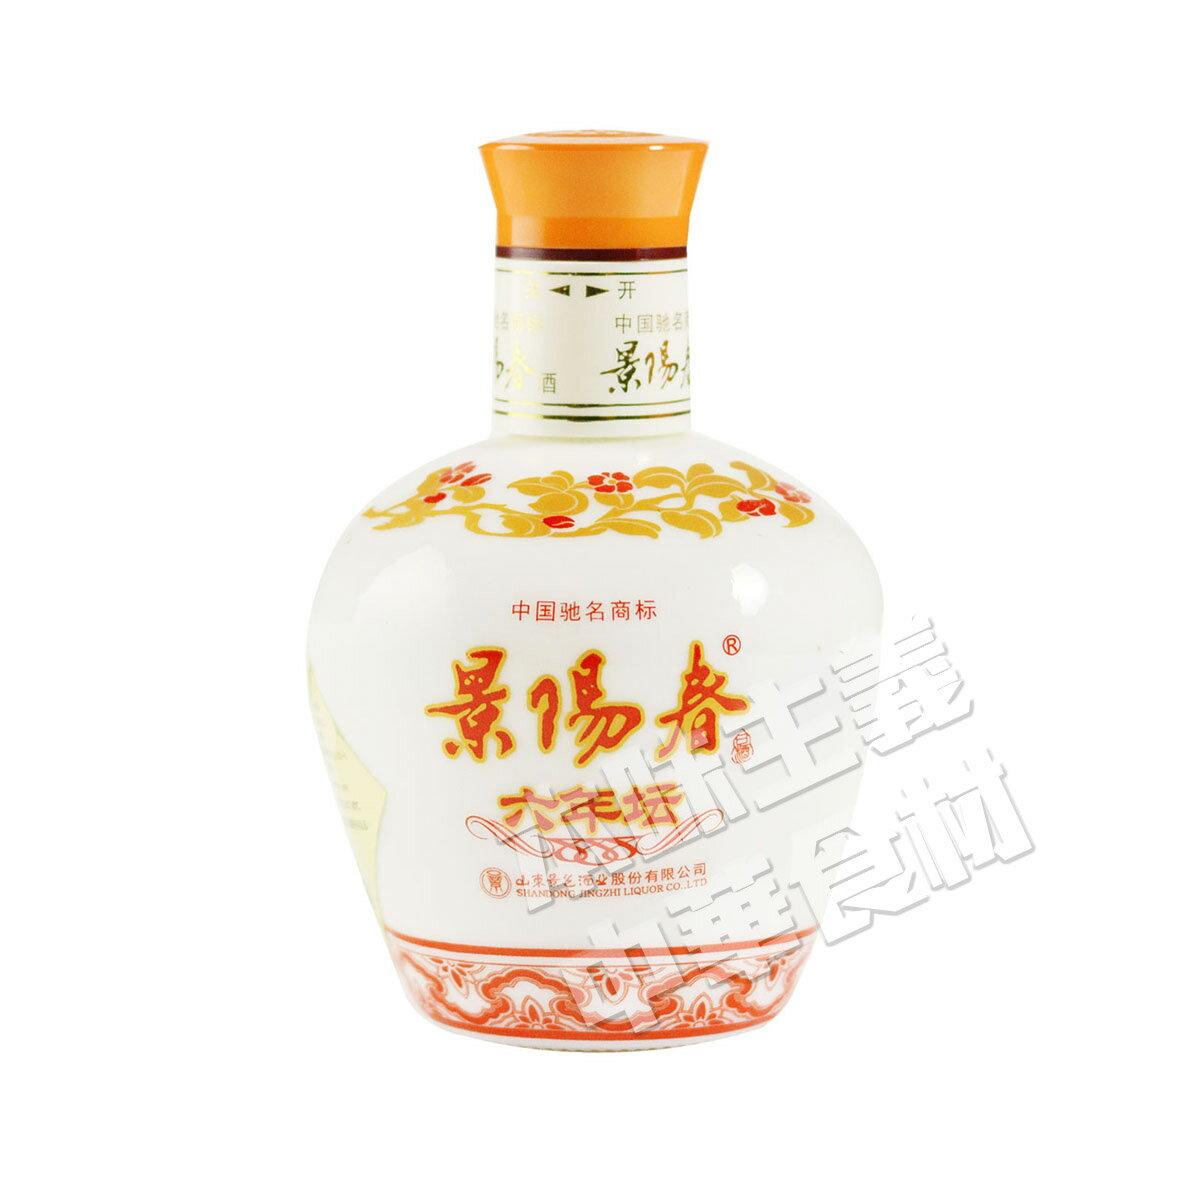 中国景芝景陽春濃香型白酒六年壇35度 250ml 中国名物・山東名酒・中華料理人気商品